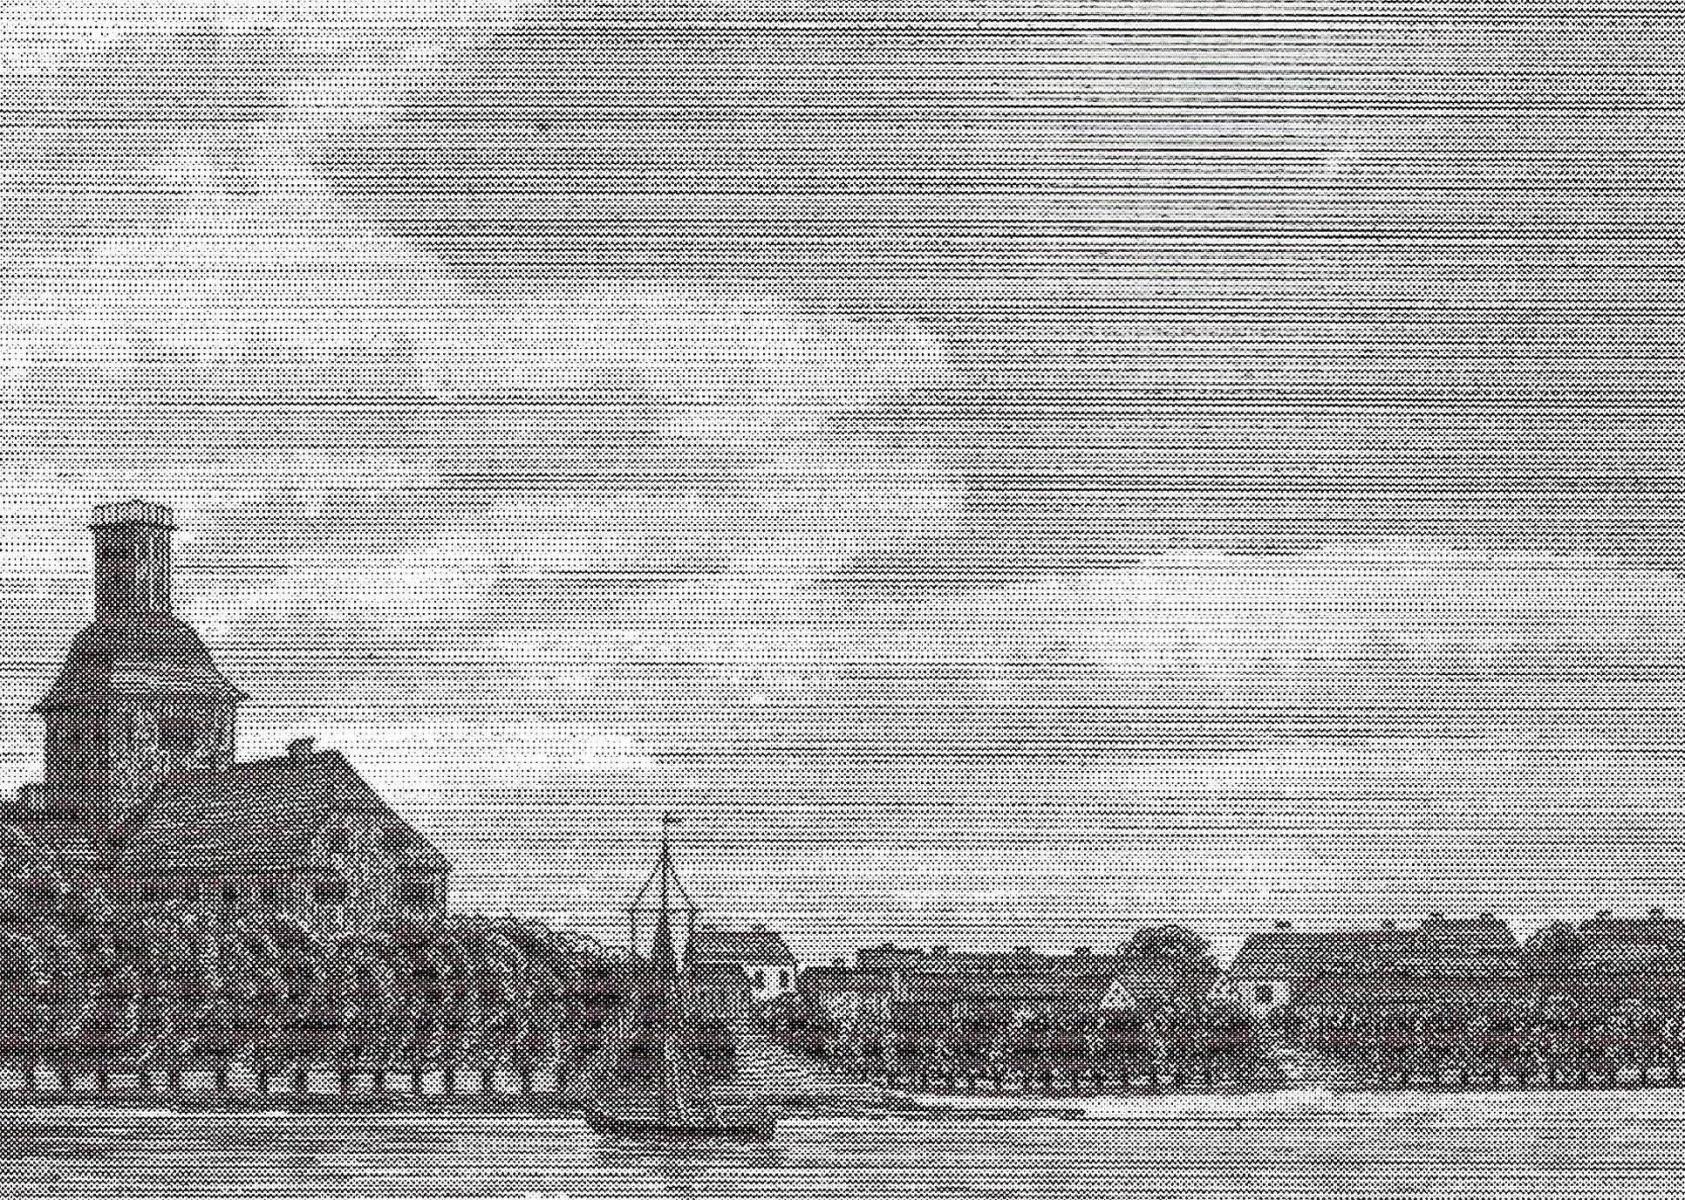 1845: Udsnit af prospekt